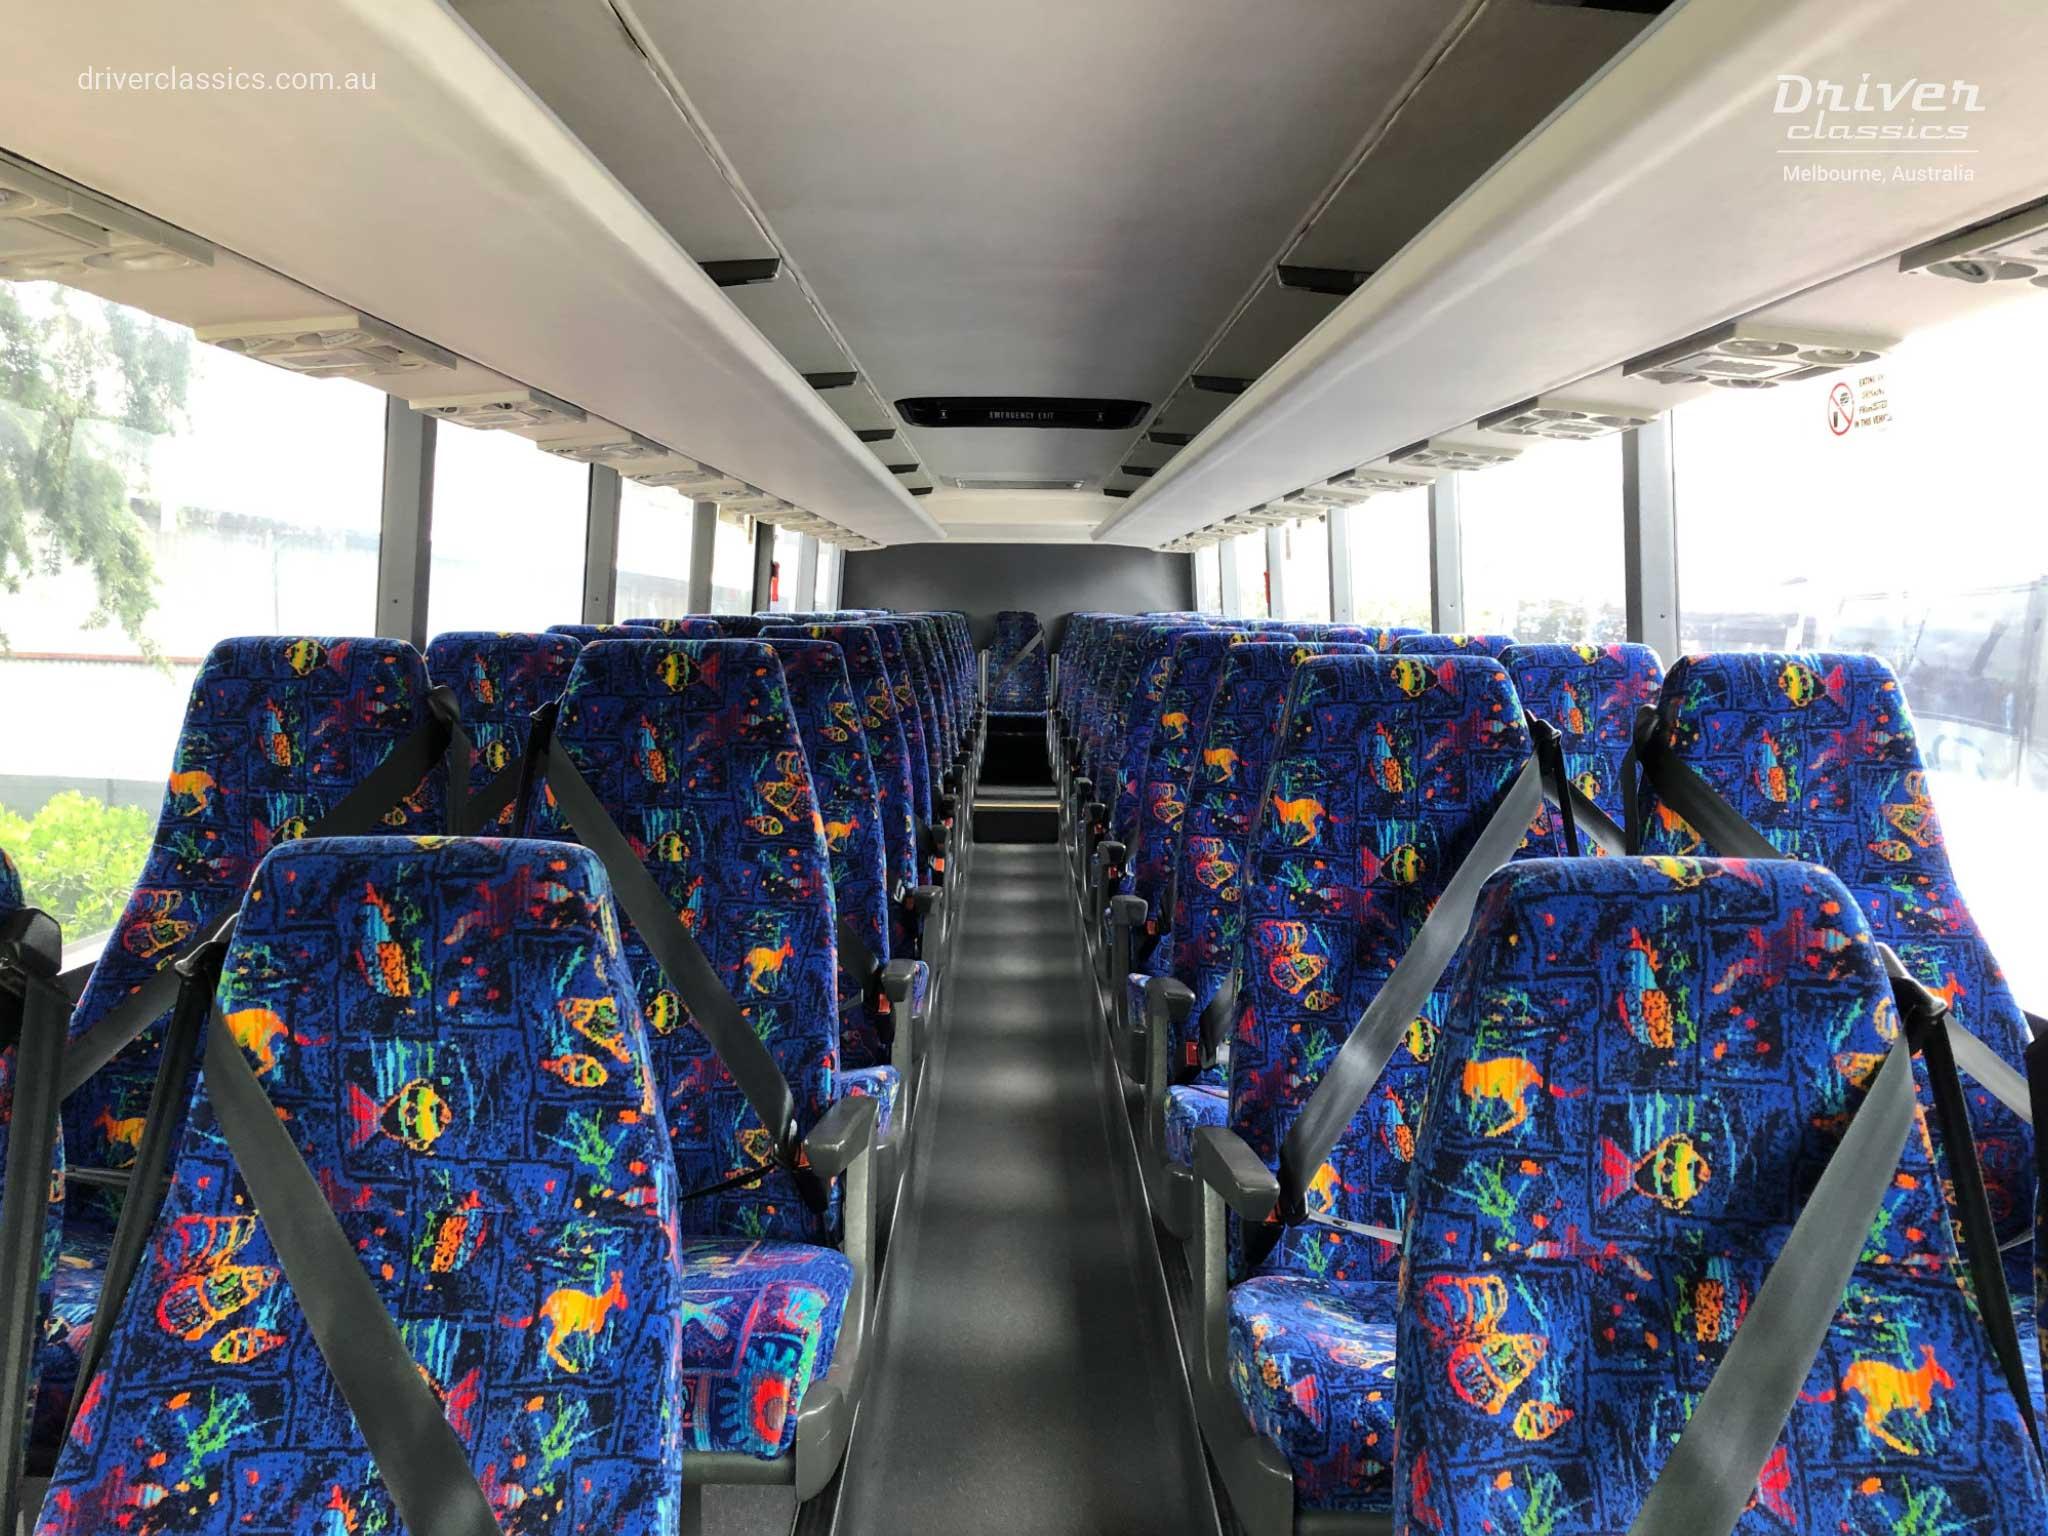 Denning Landseer bus, 1988 version, interior, at Mount Waverley VIC, Photo taken November 2020